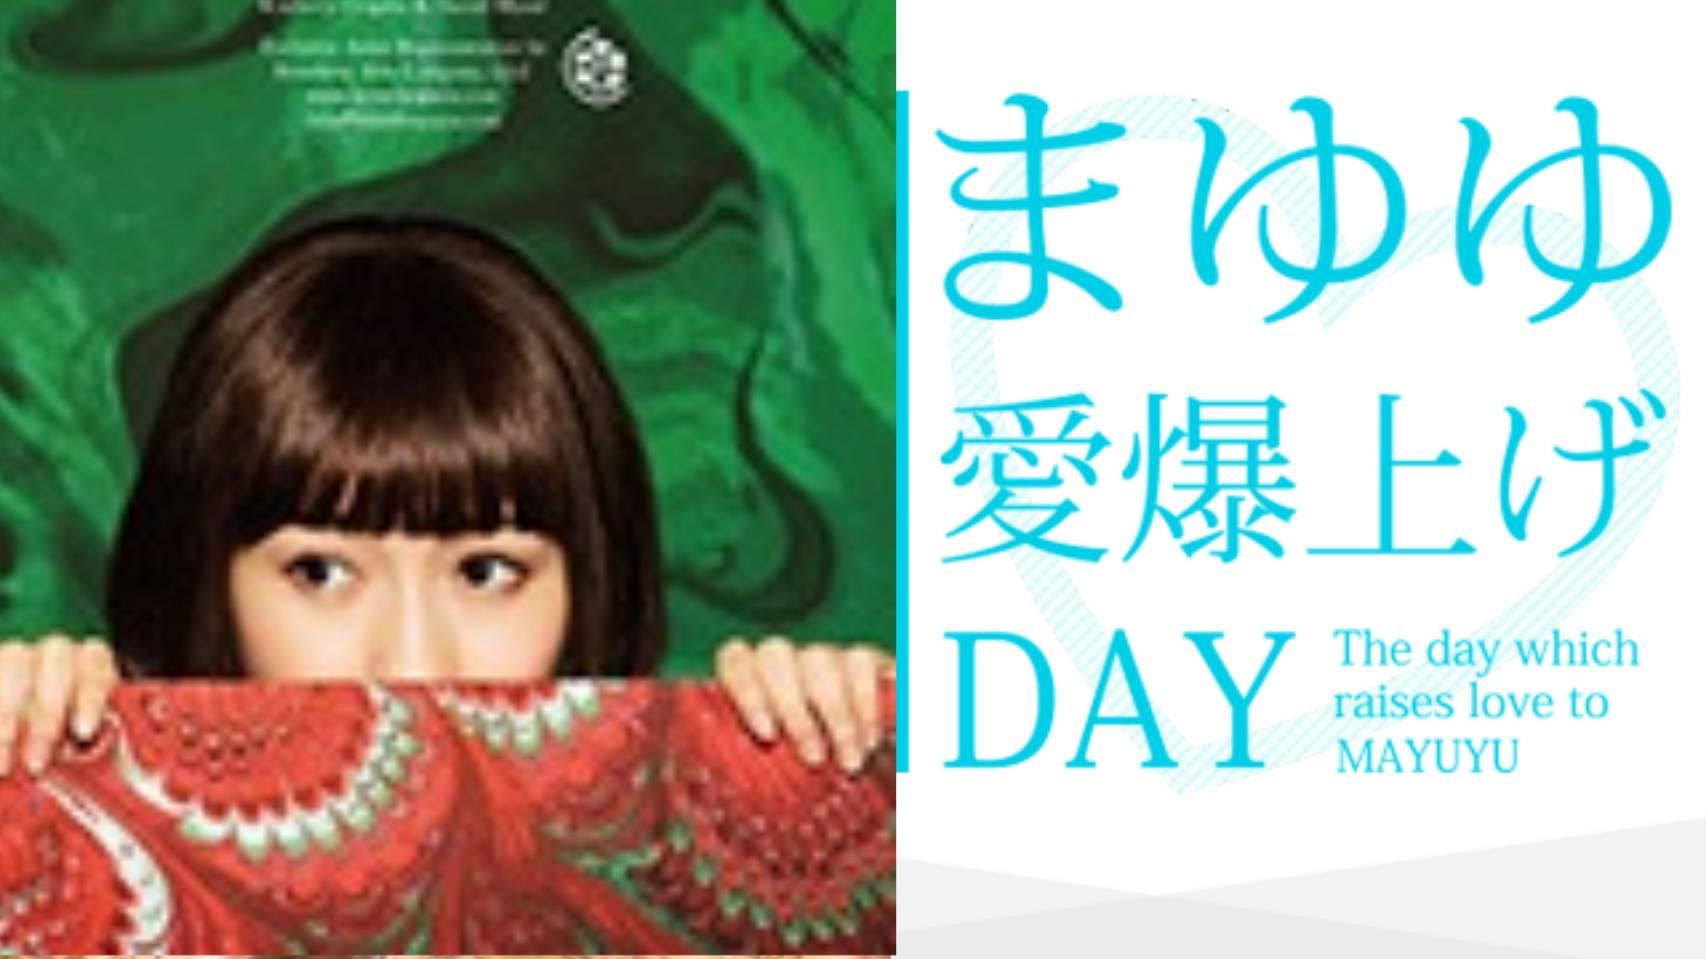 【拡散希望】AKB卒業後初の【まゆゆ愛爆上げDAY】開催のお知らせ